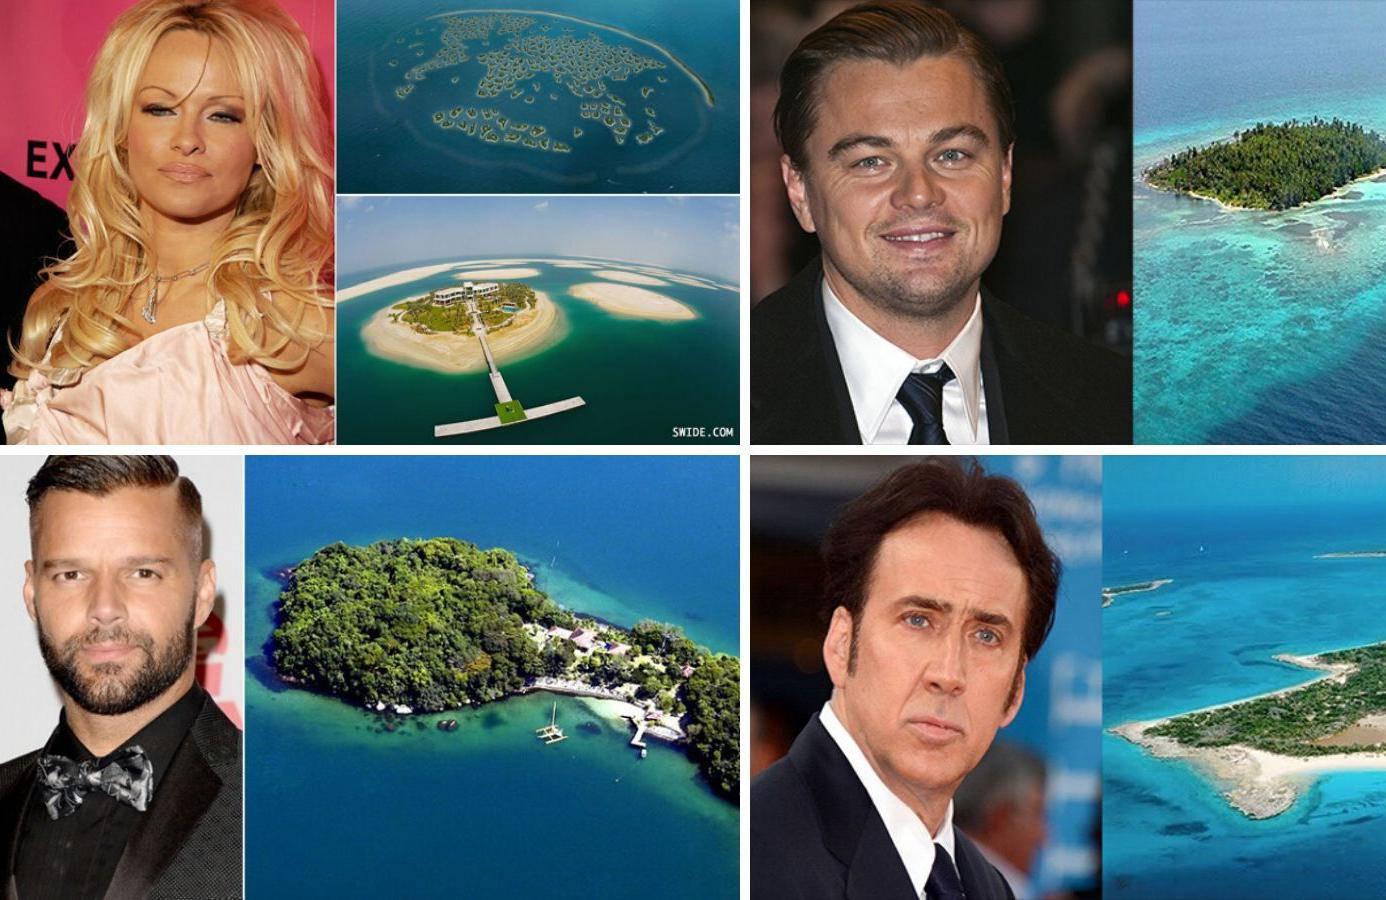 Bijeg od korone slavnima nije problem, oni imaju svoje otoke